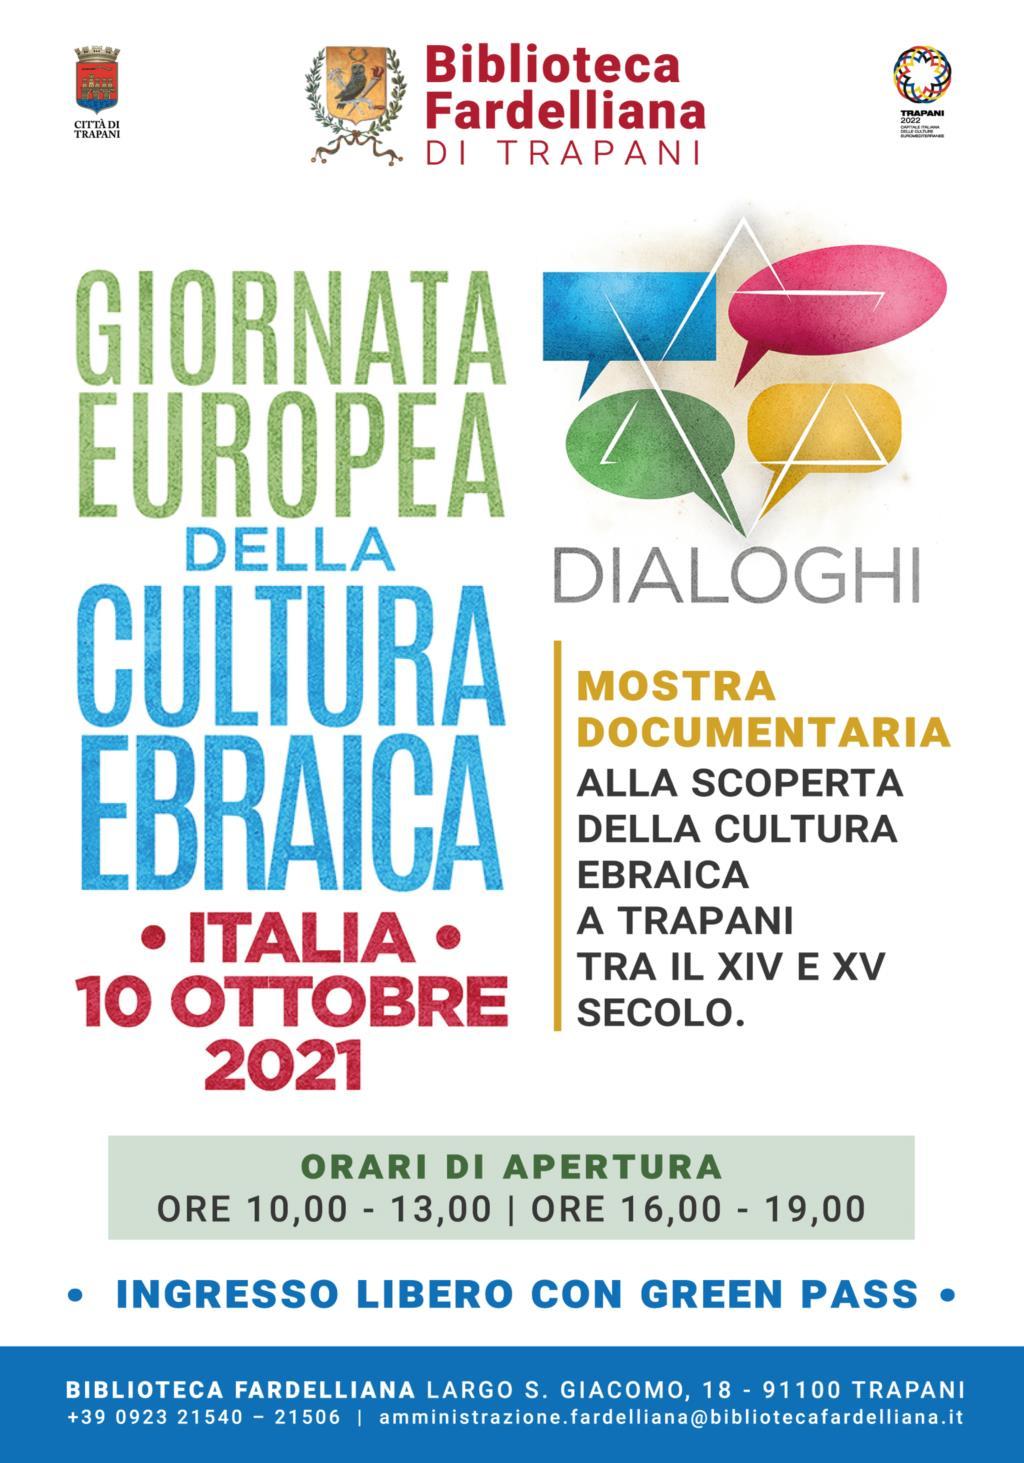 Trapani, la Fardelliana aderisce alla XXII Giornata Europea della Cultura Ebraica